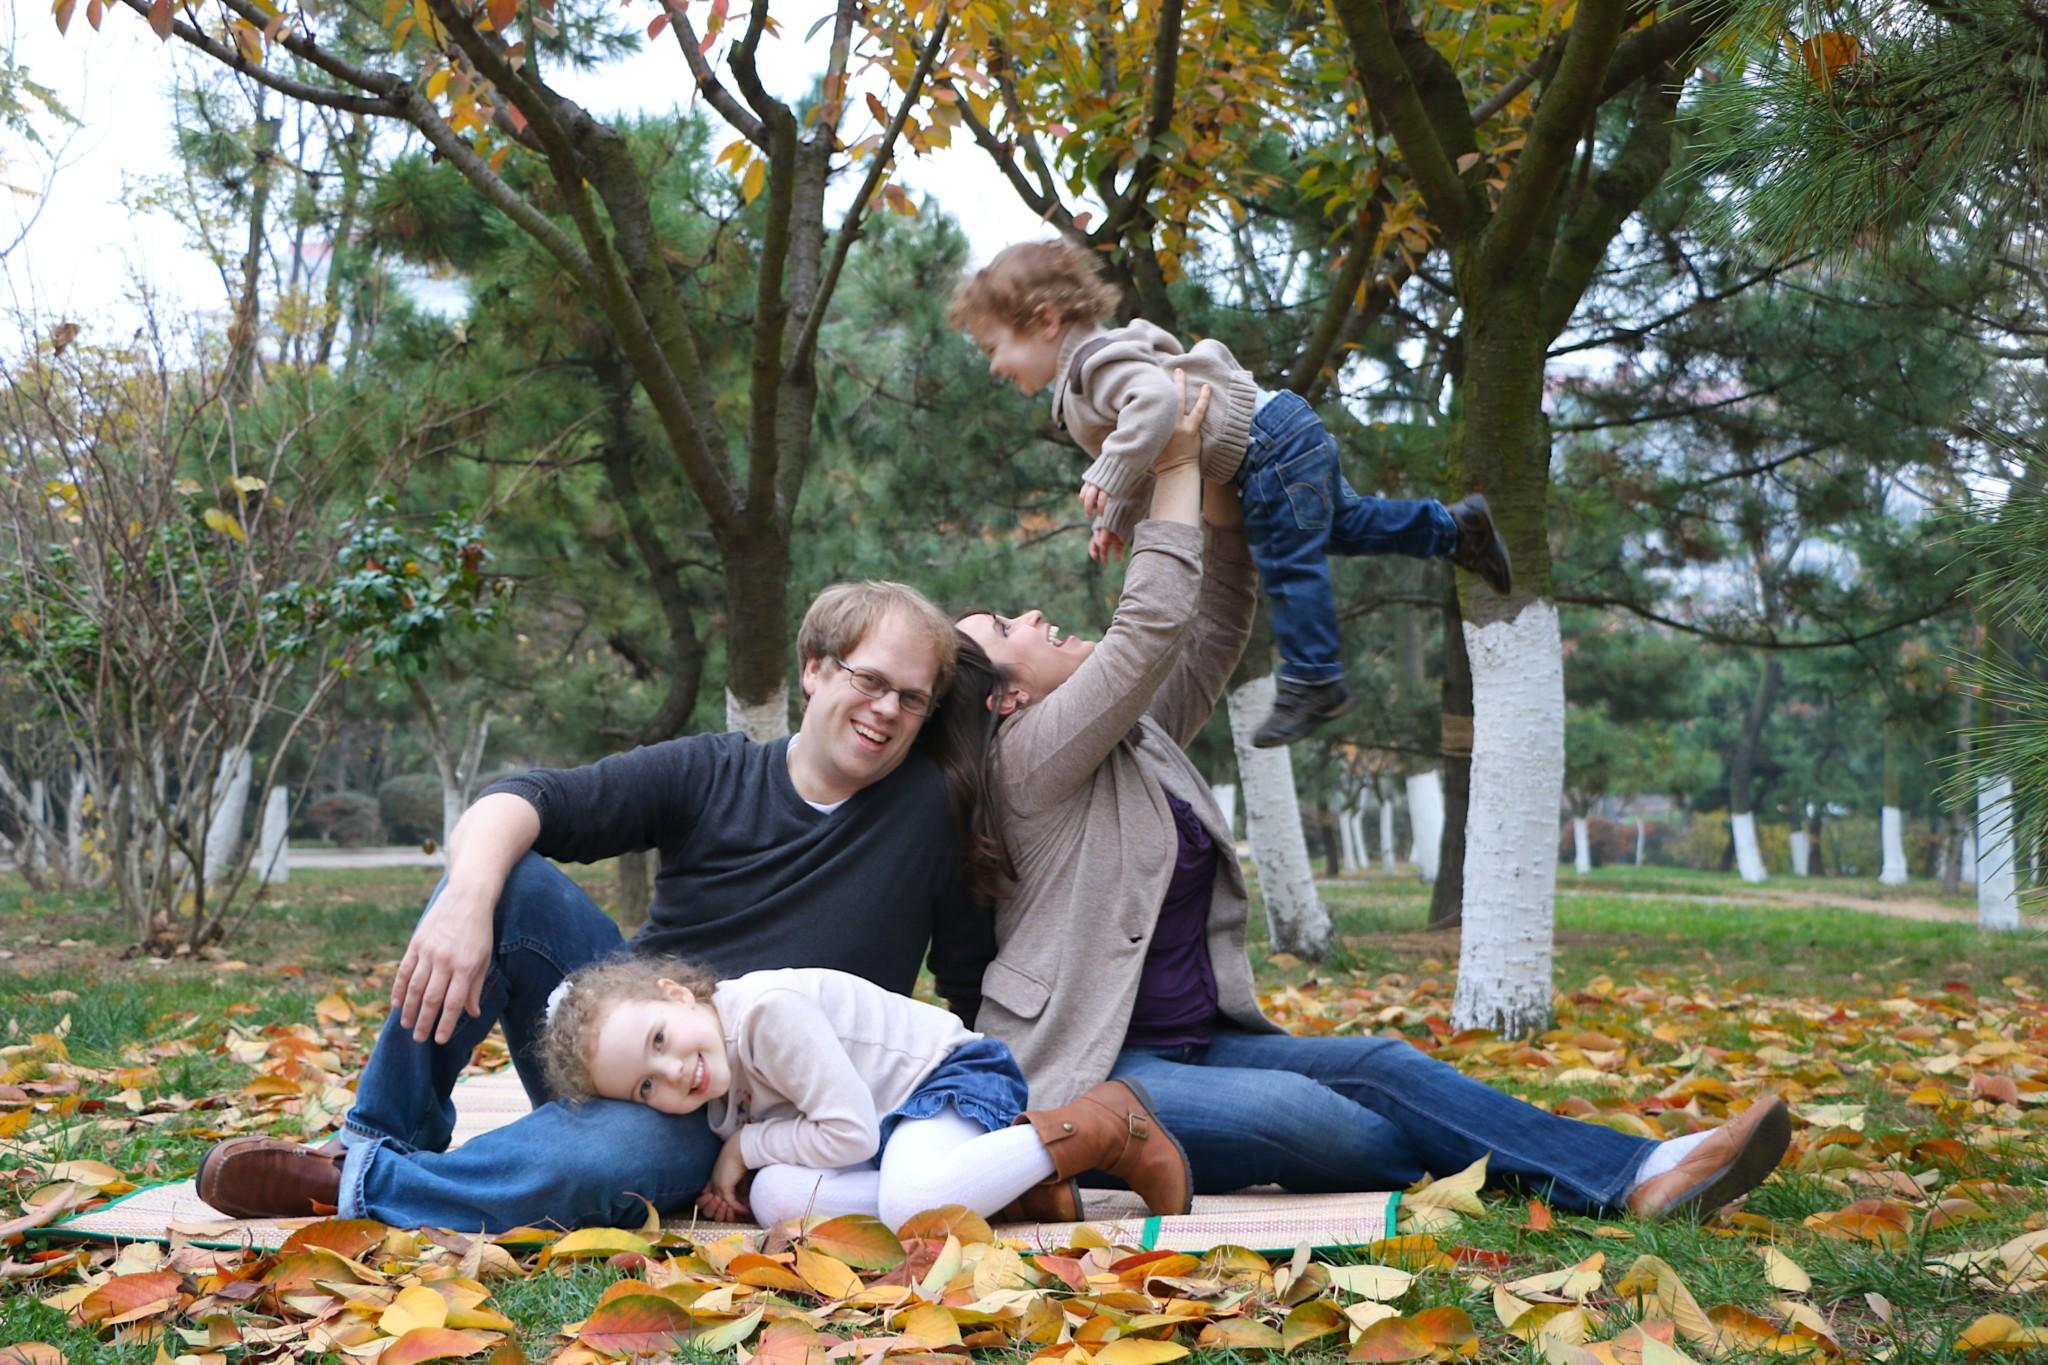 Hitt Family Shoot